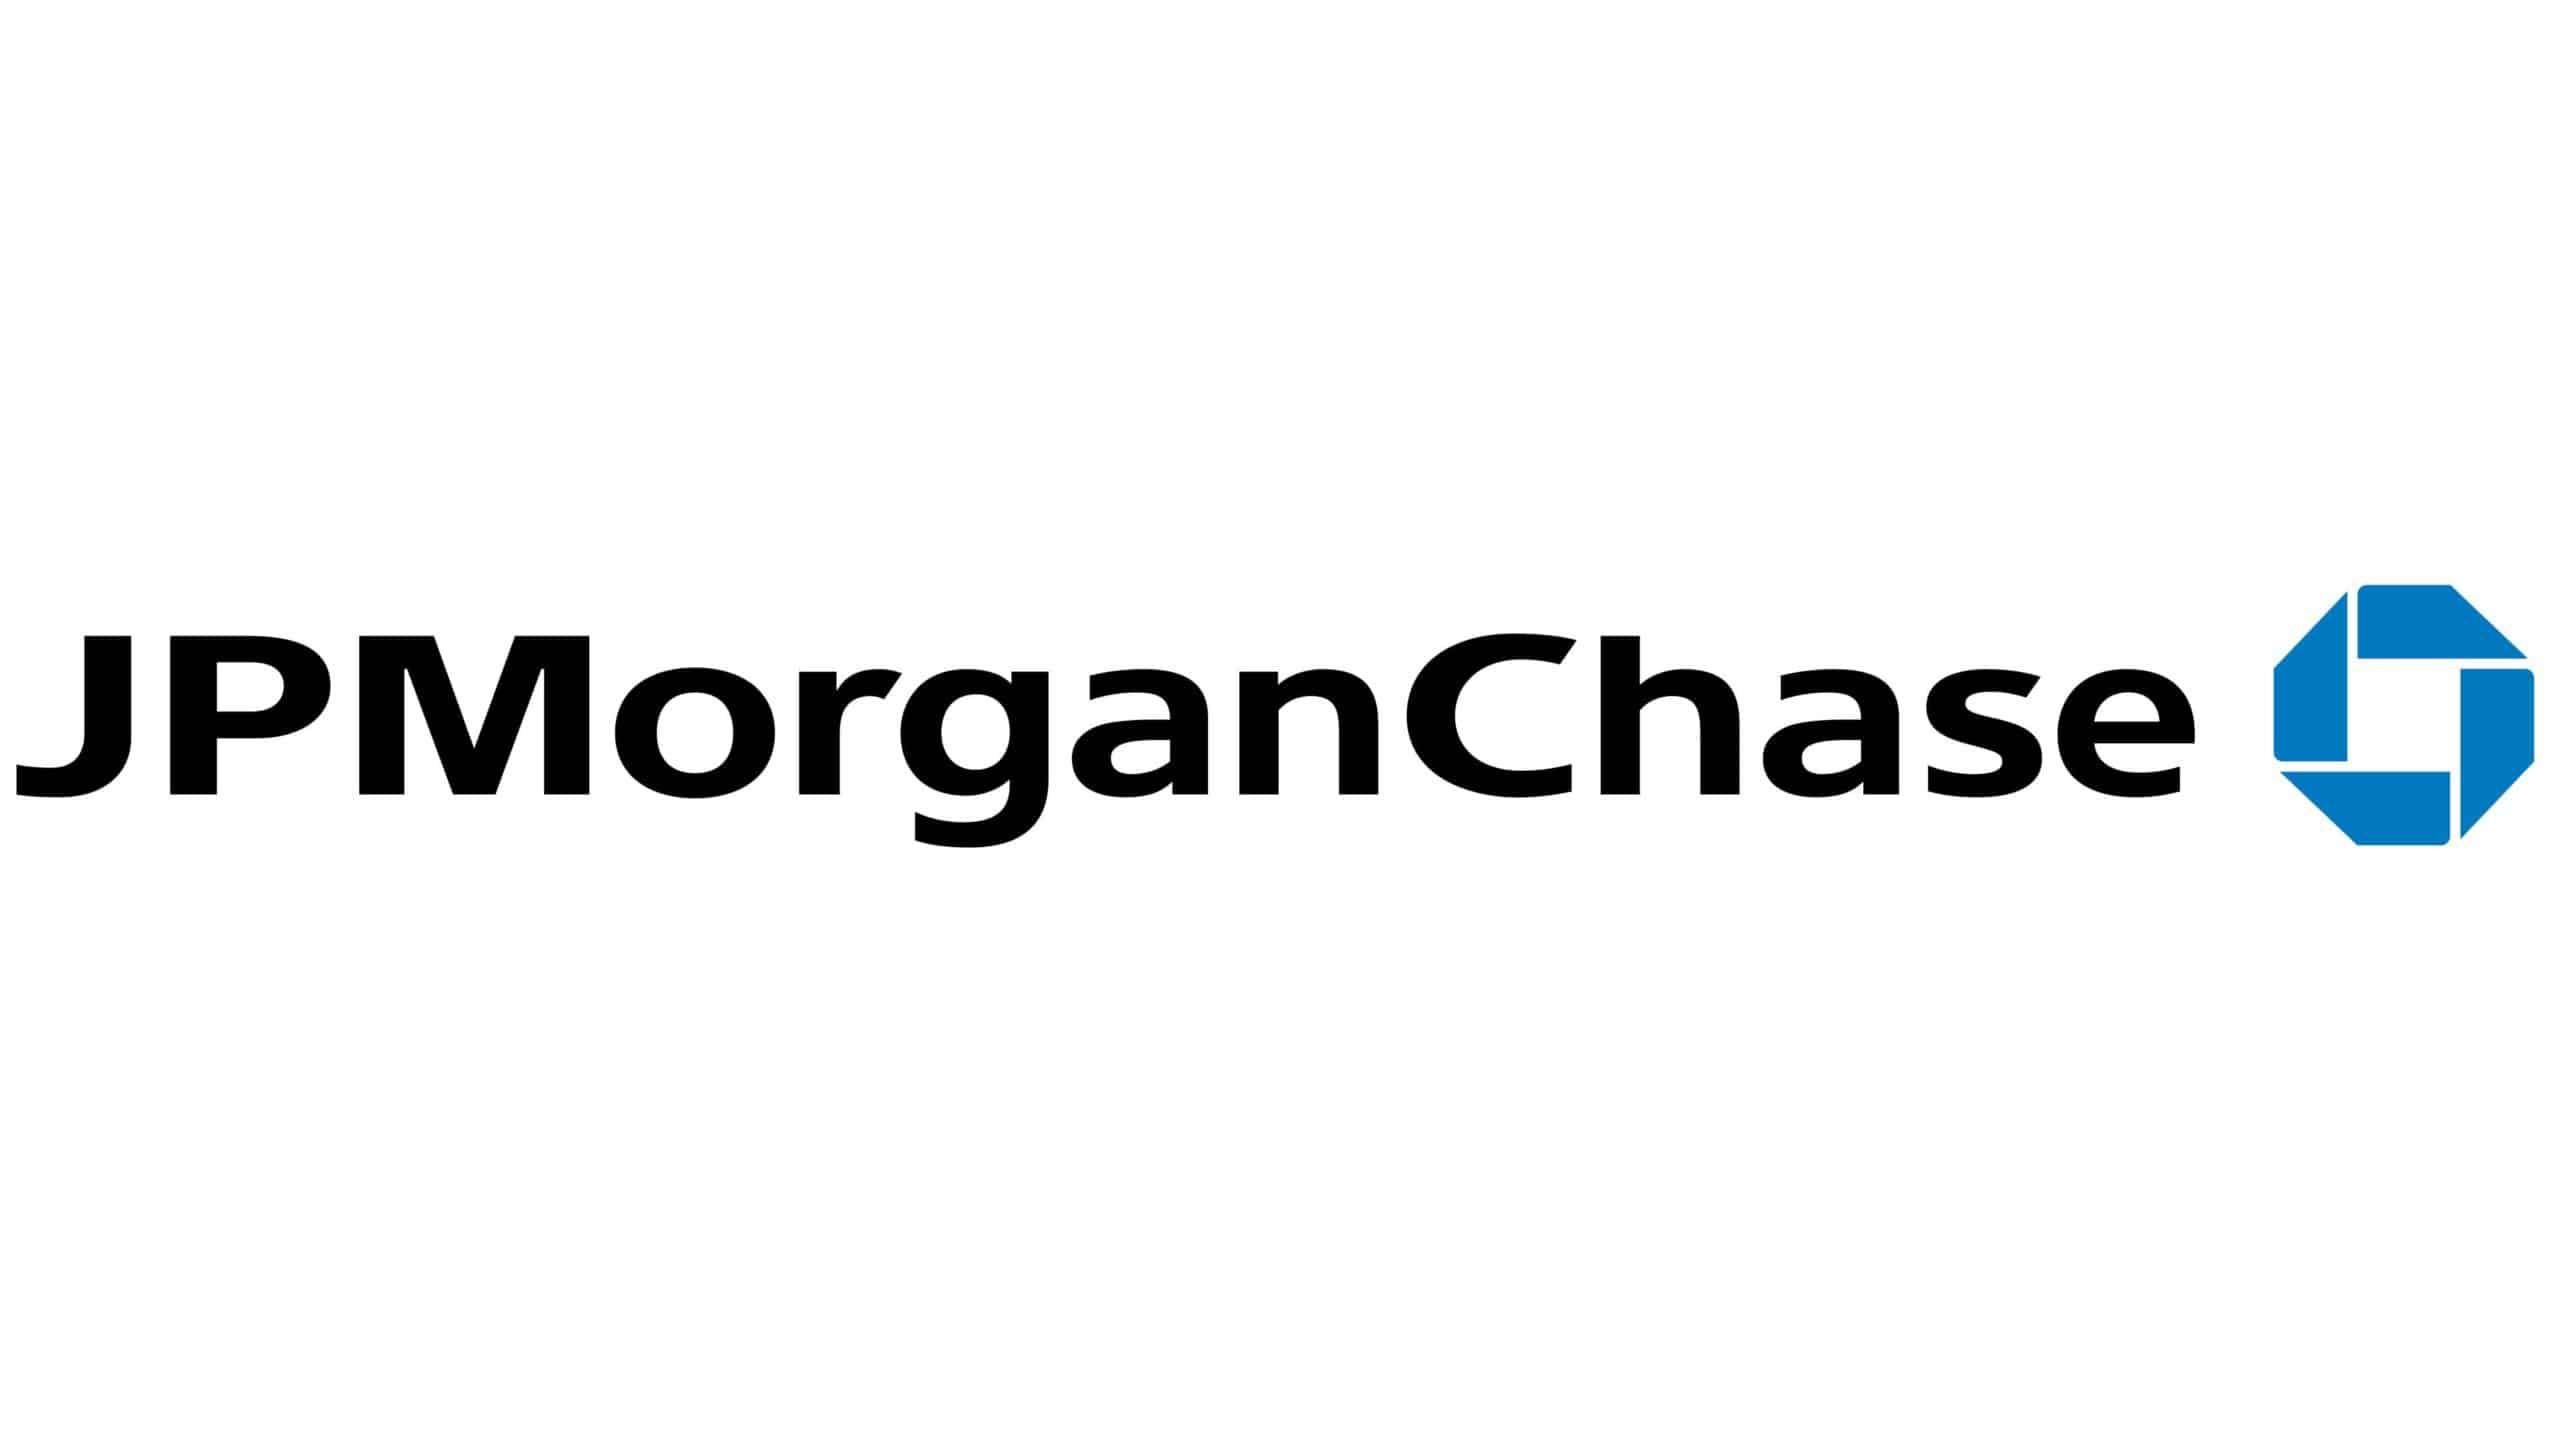 Comprar acciones JP Morgan